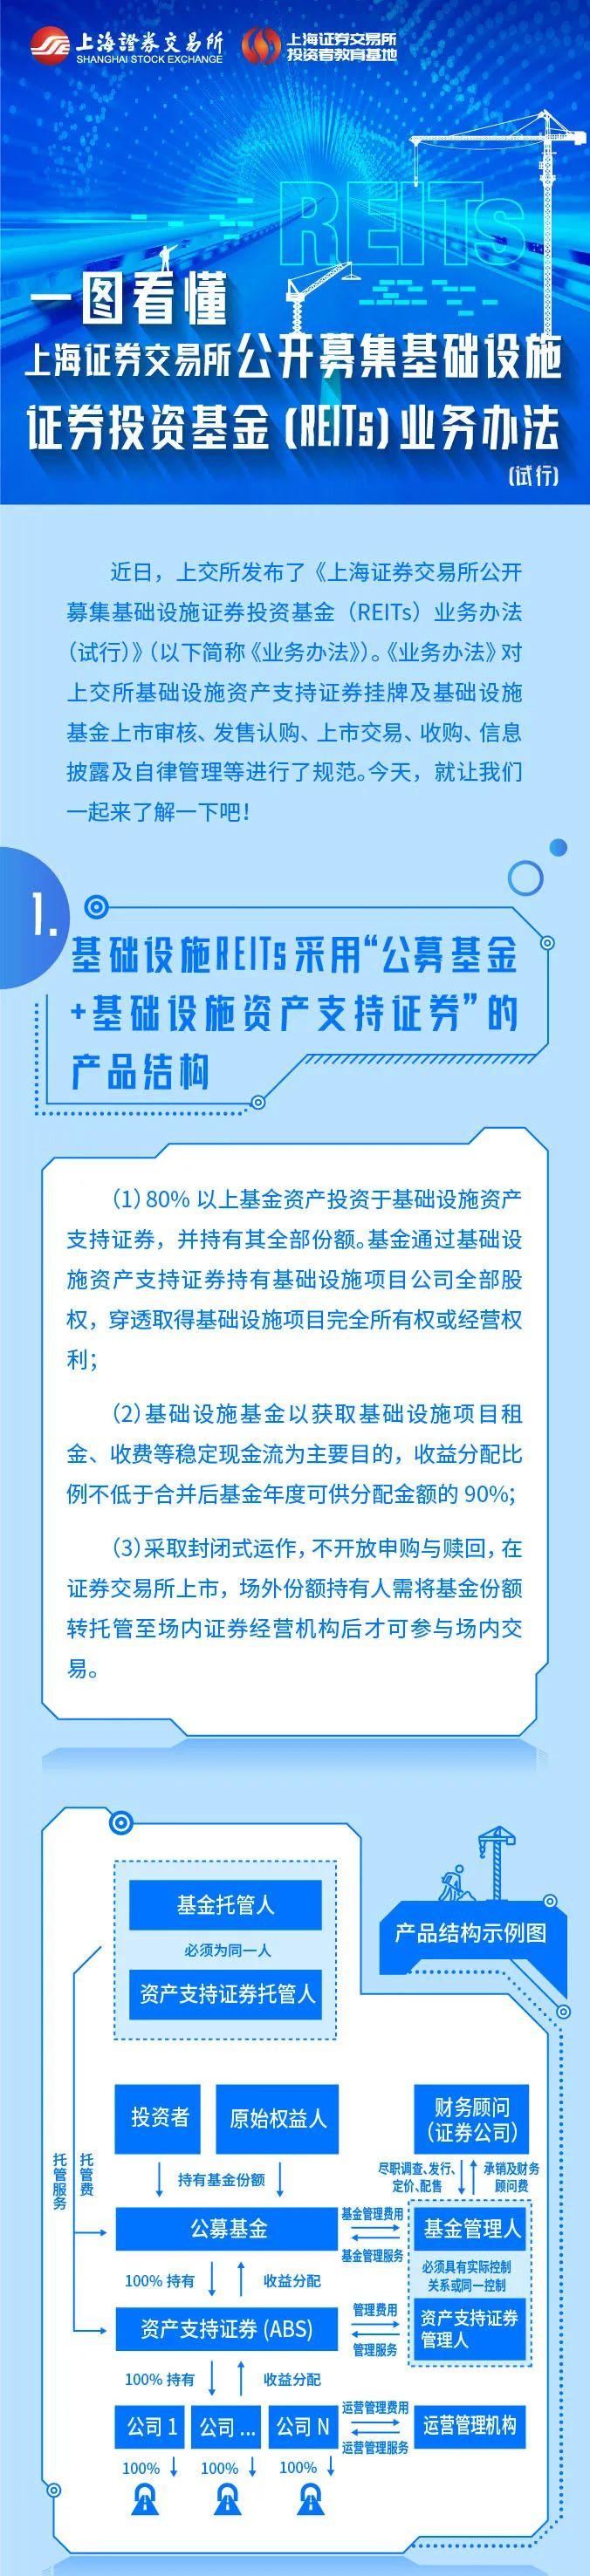 【图文解读】上海证券交易所公开募集基础设施证券投资基金(REITs)业务办法(试行)